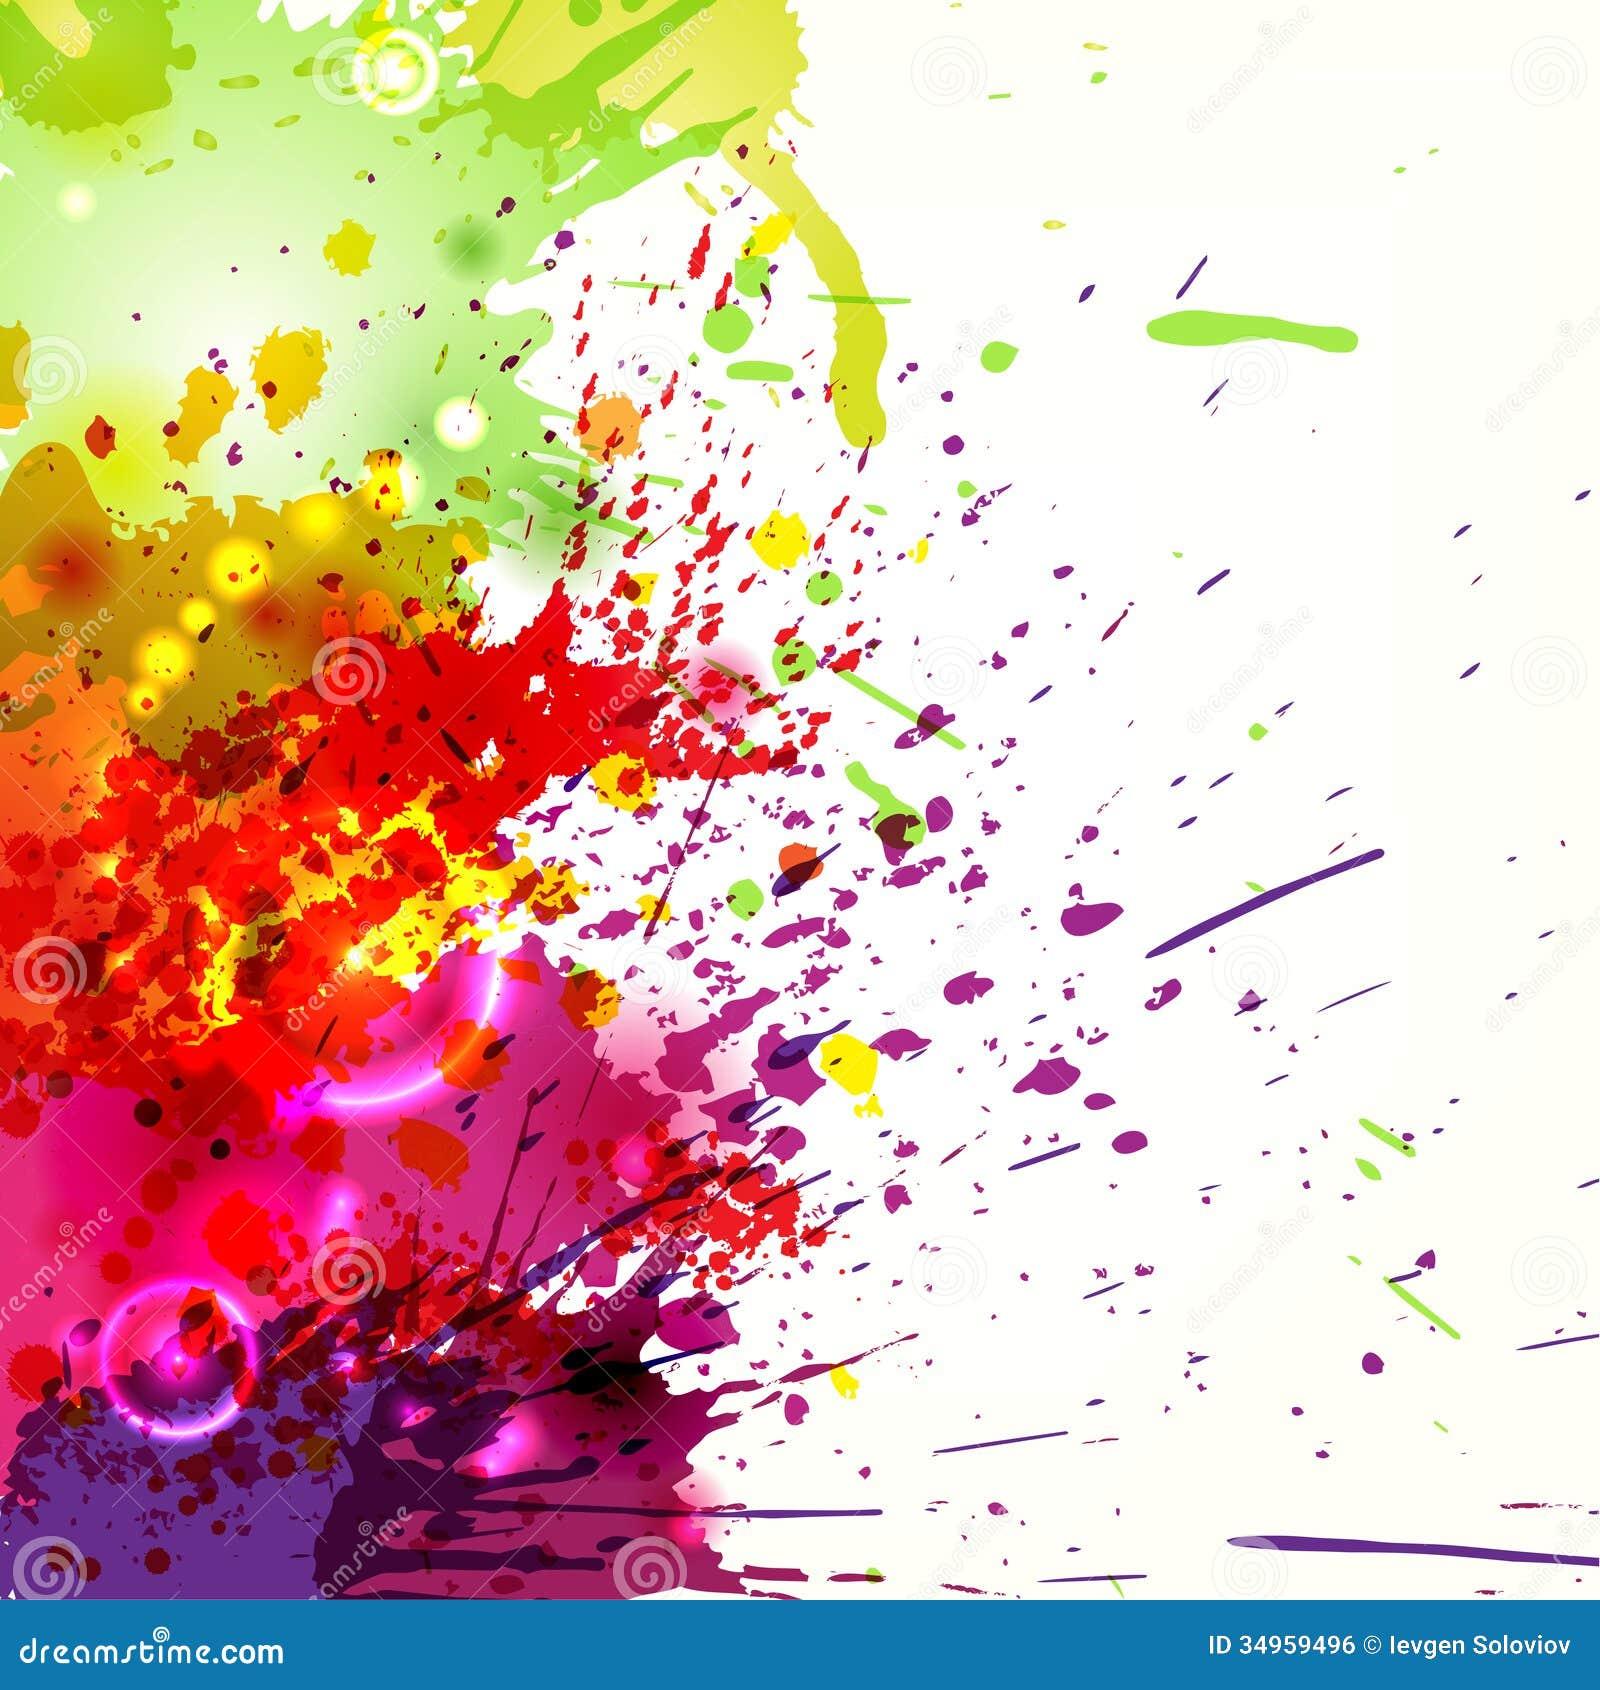 ink blot background - photo #24